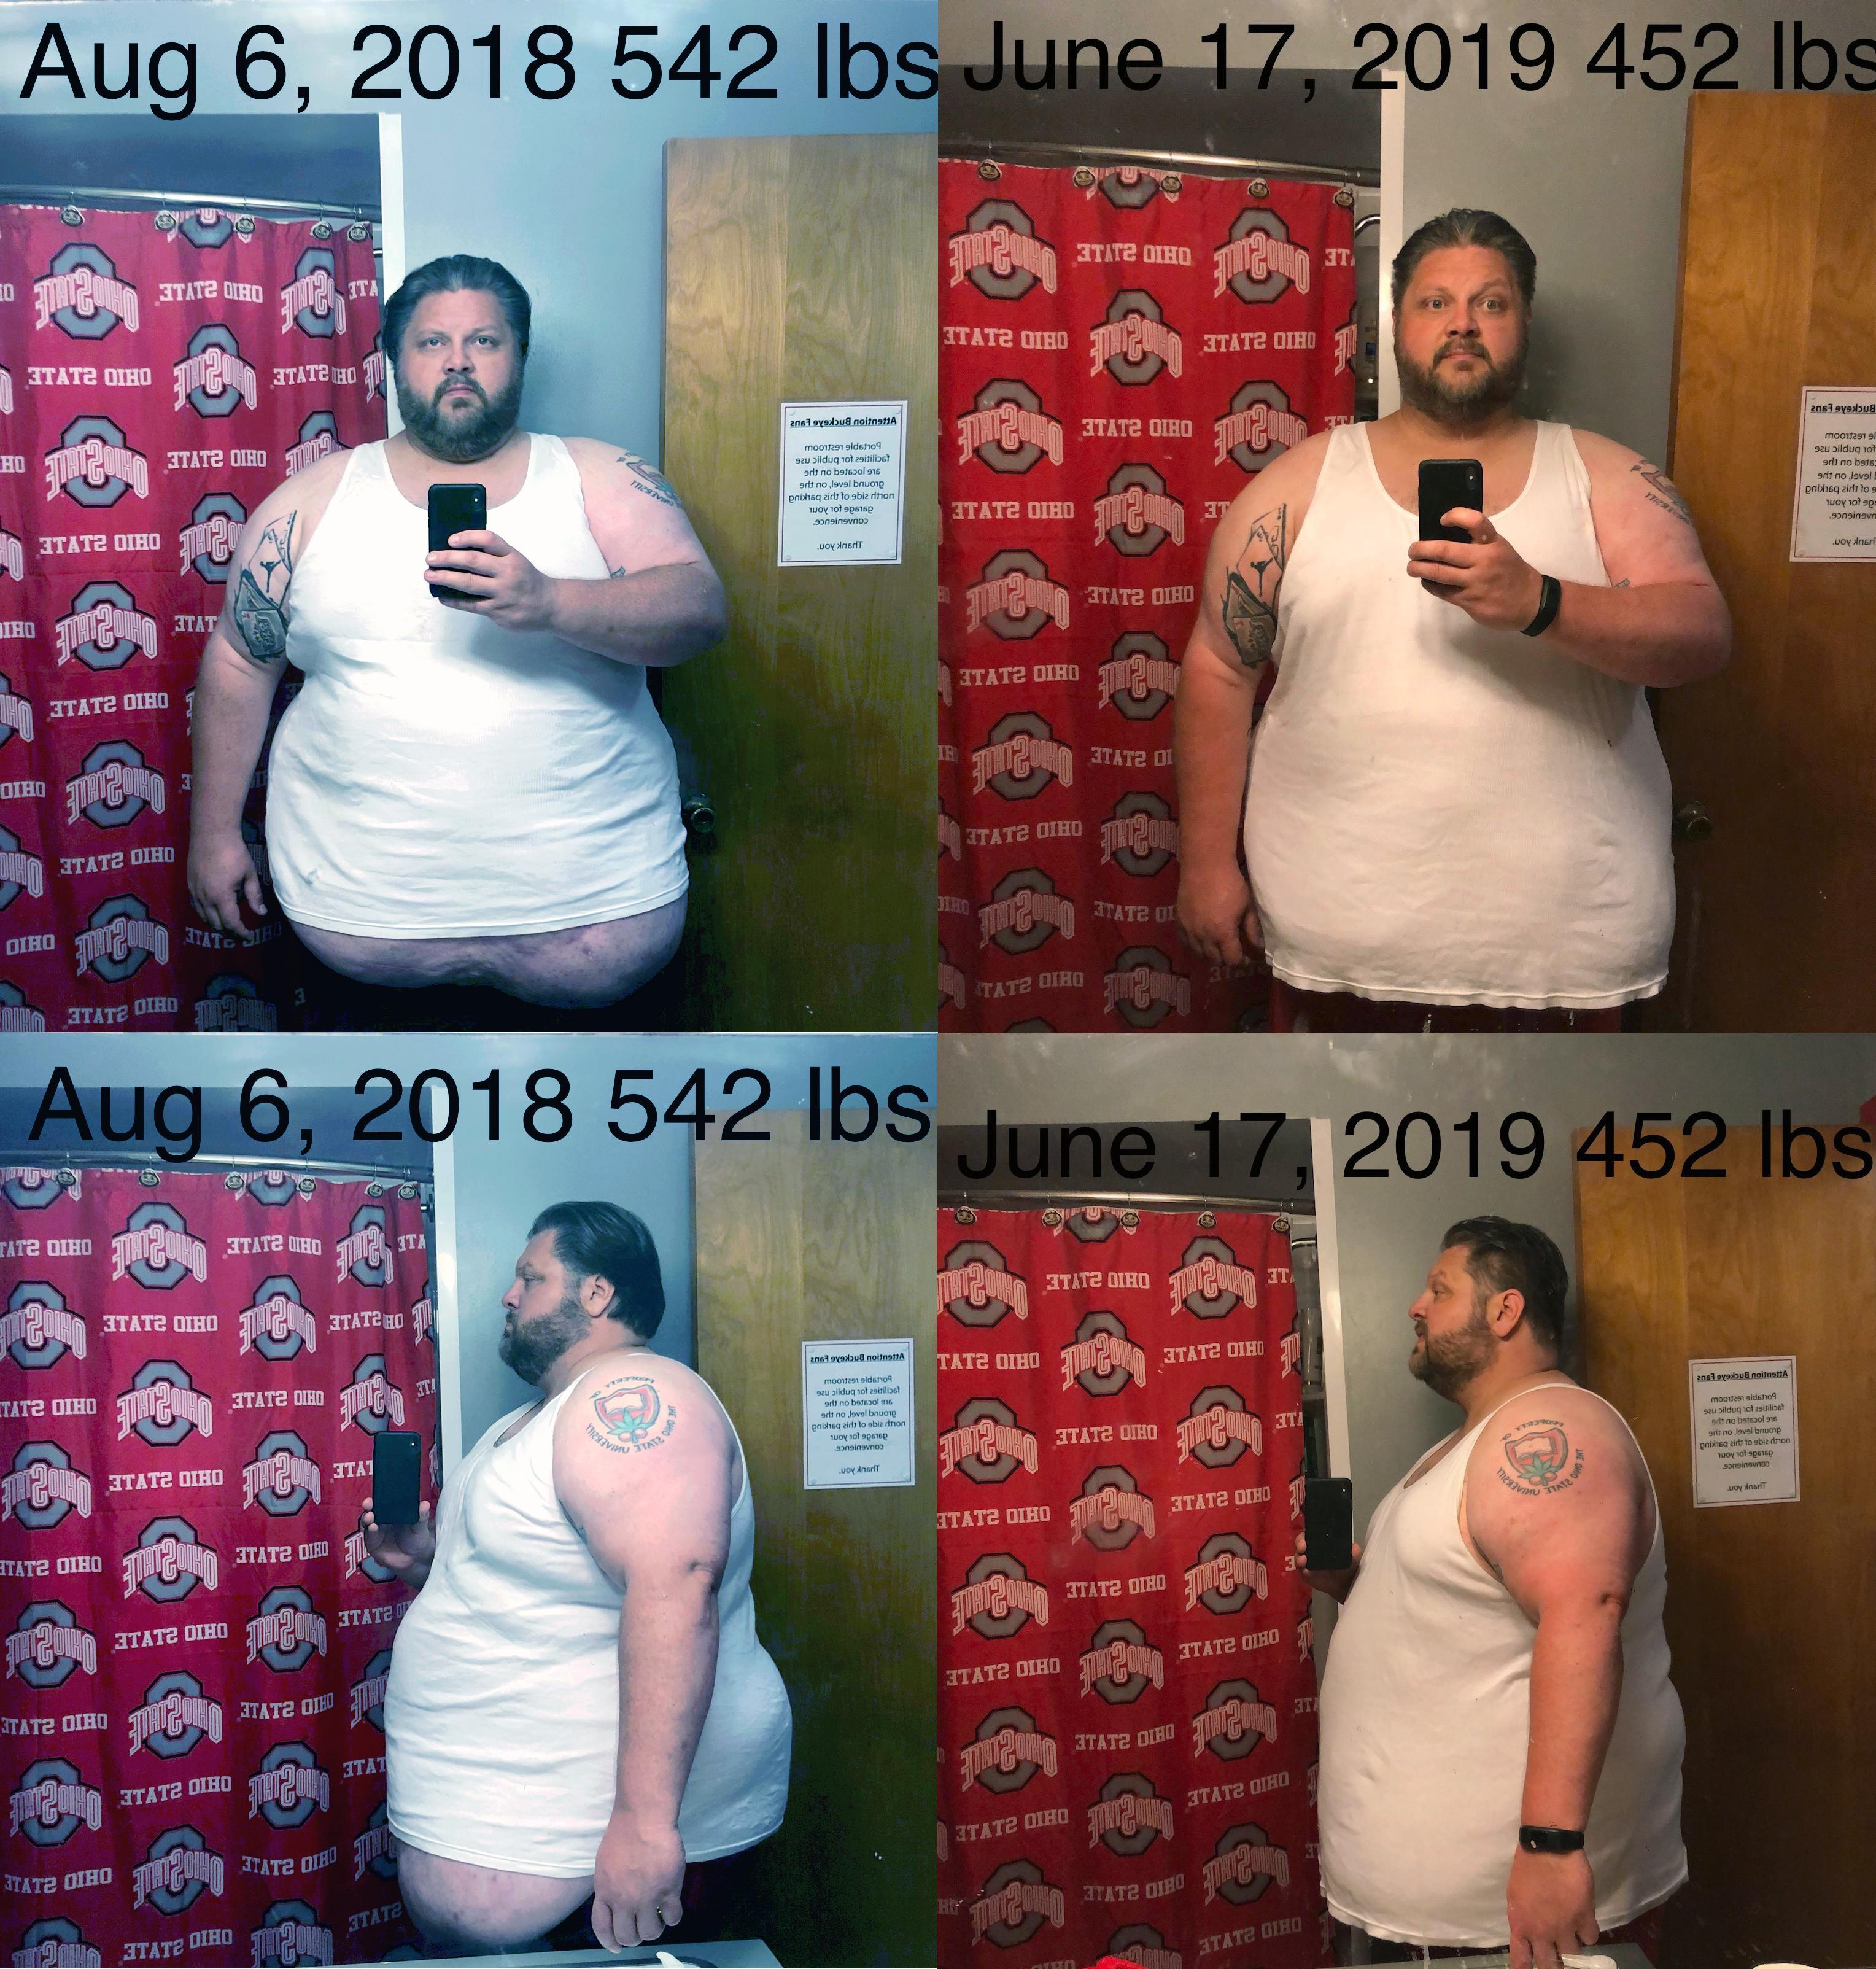 6'1 Male 90 lbs Fat Loss 542 lbs to 452 lbs